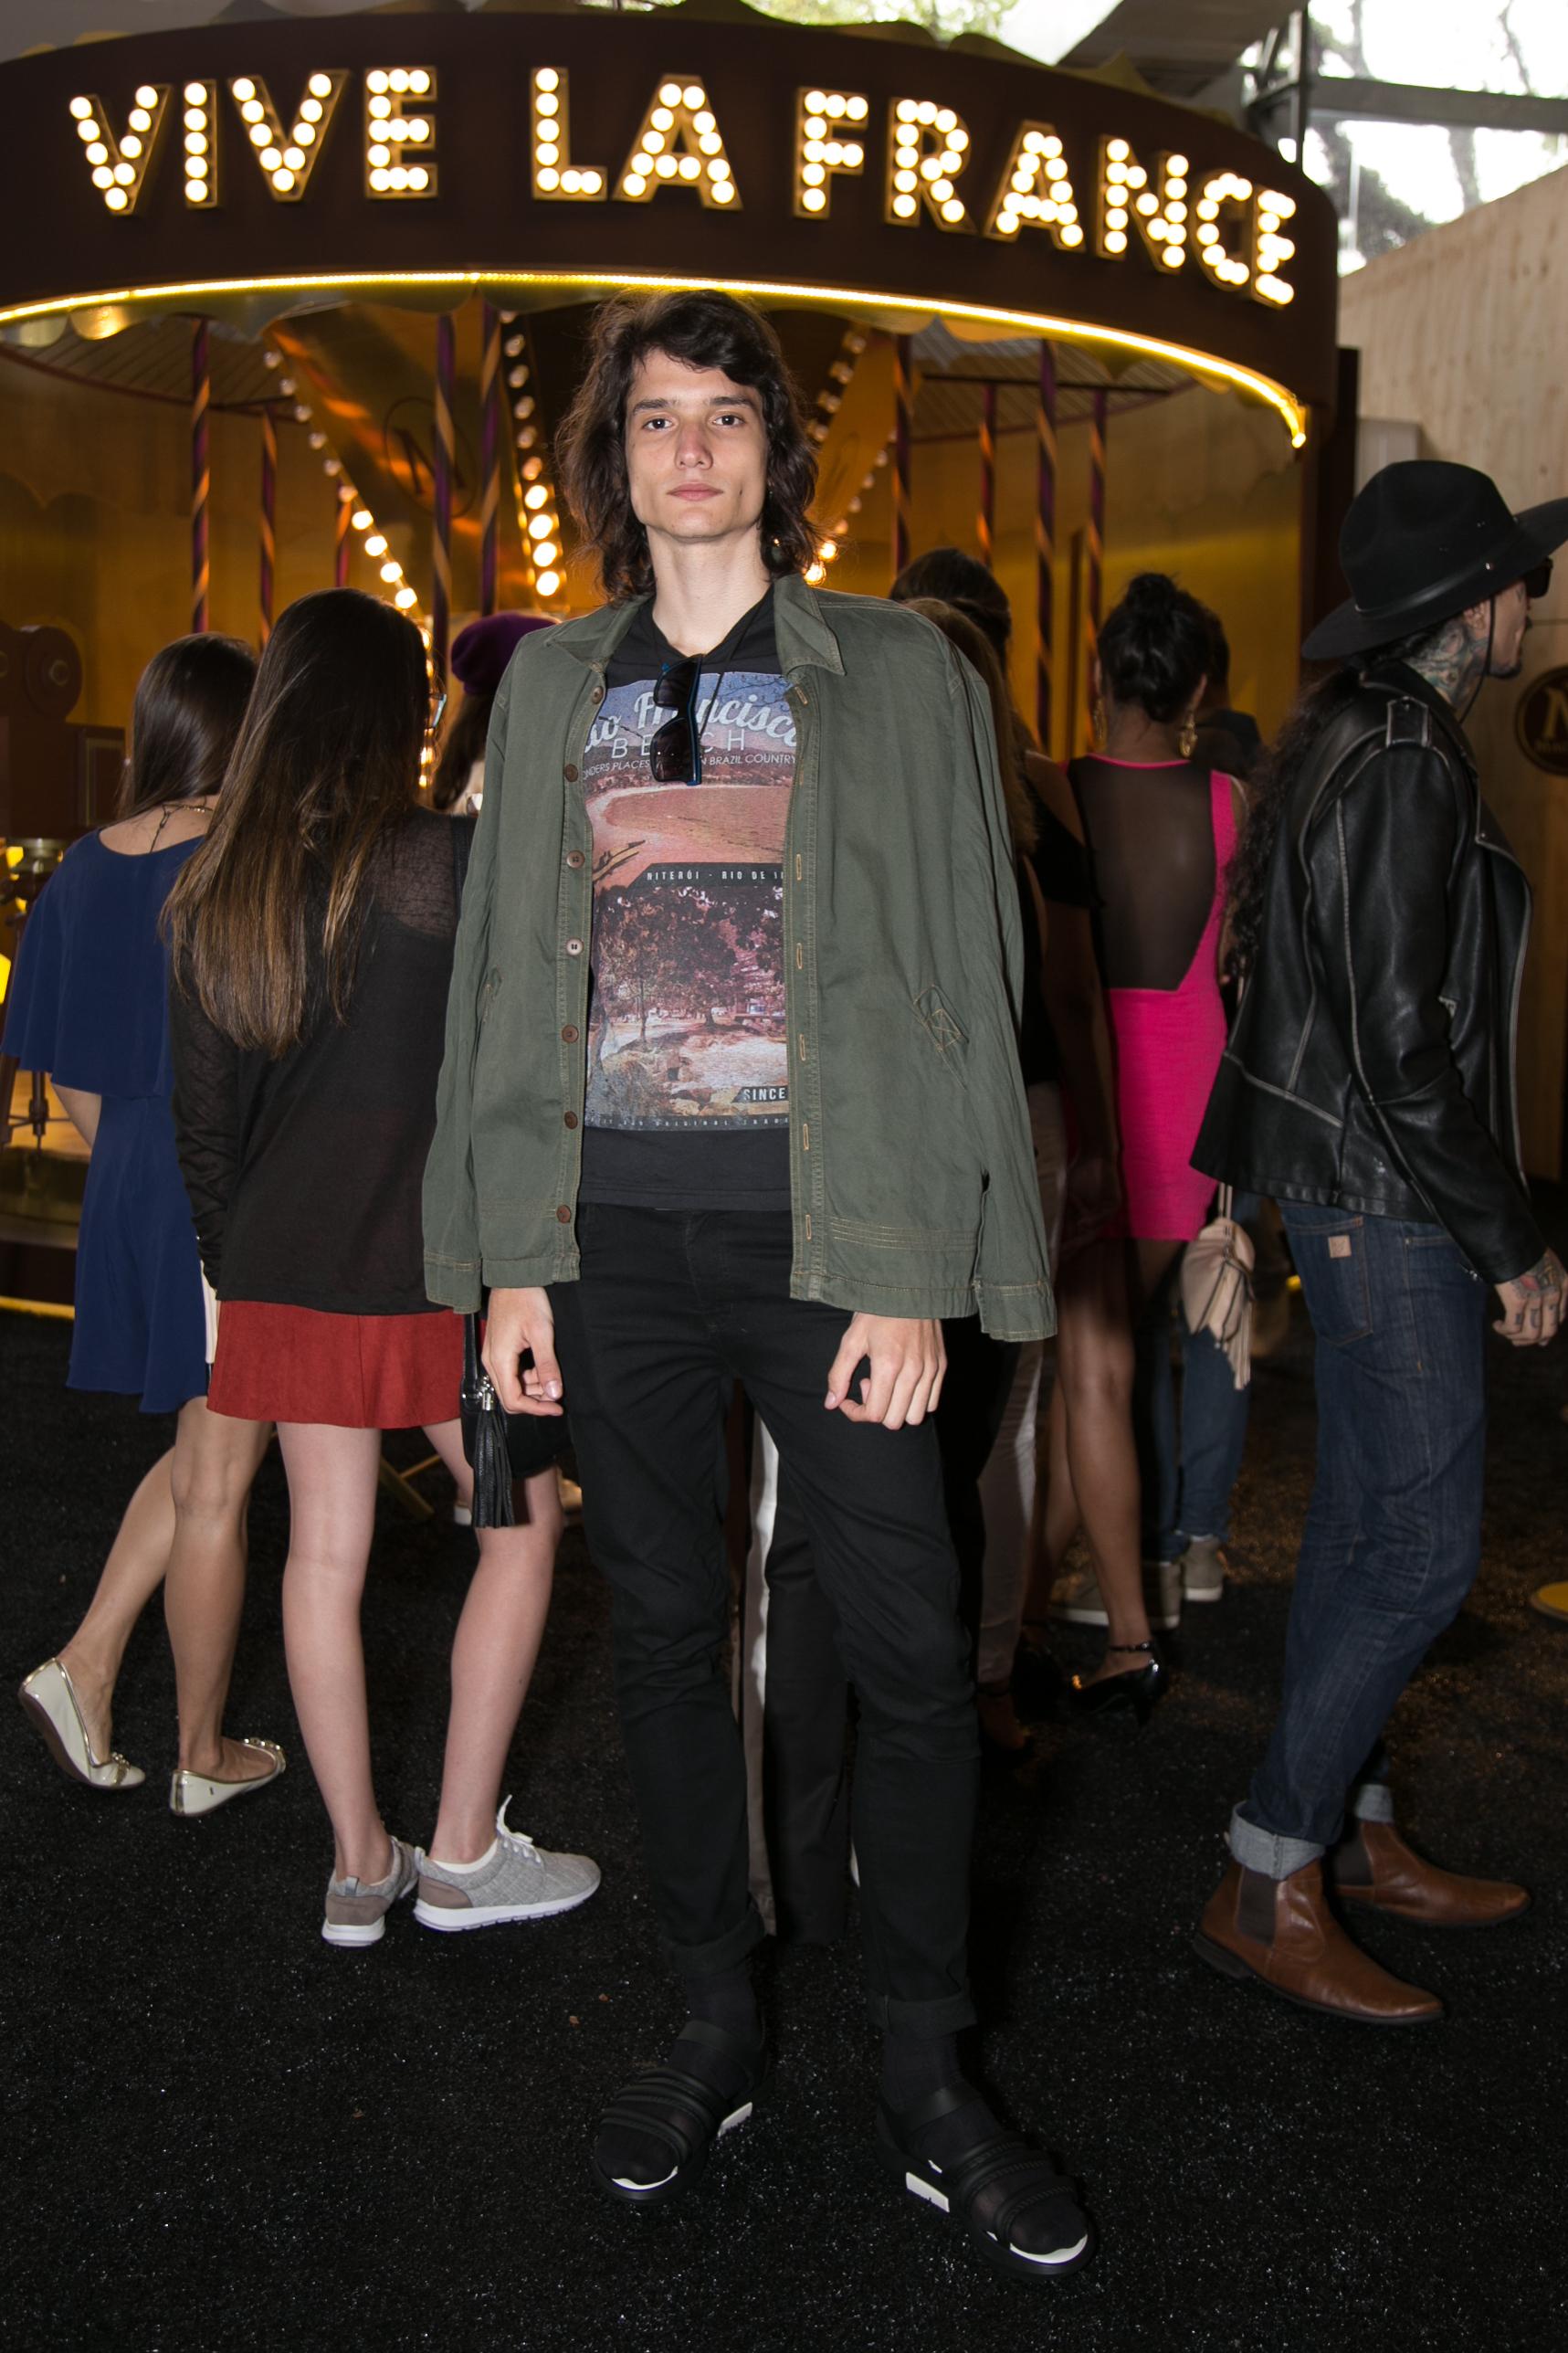 jeans-street-style-masculino-blog-de-moda-masculina-dicas-estilo-moda-jeans-jaqueta-calca-short-saia-fashion-week-spfw-spfwtrans42-spfwn42-tendencia-masculina-inverno-4